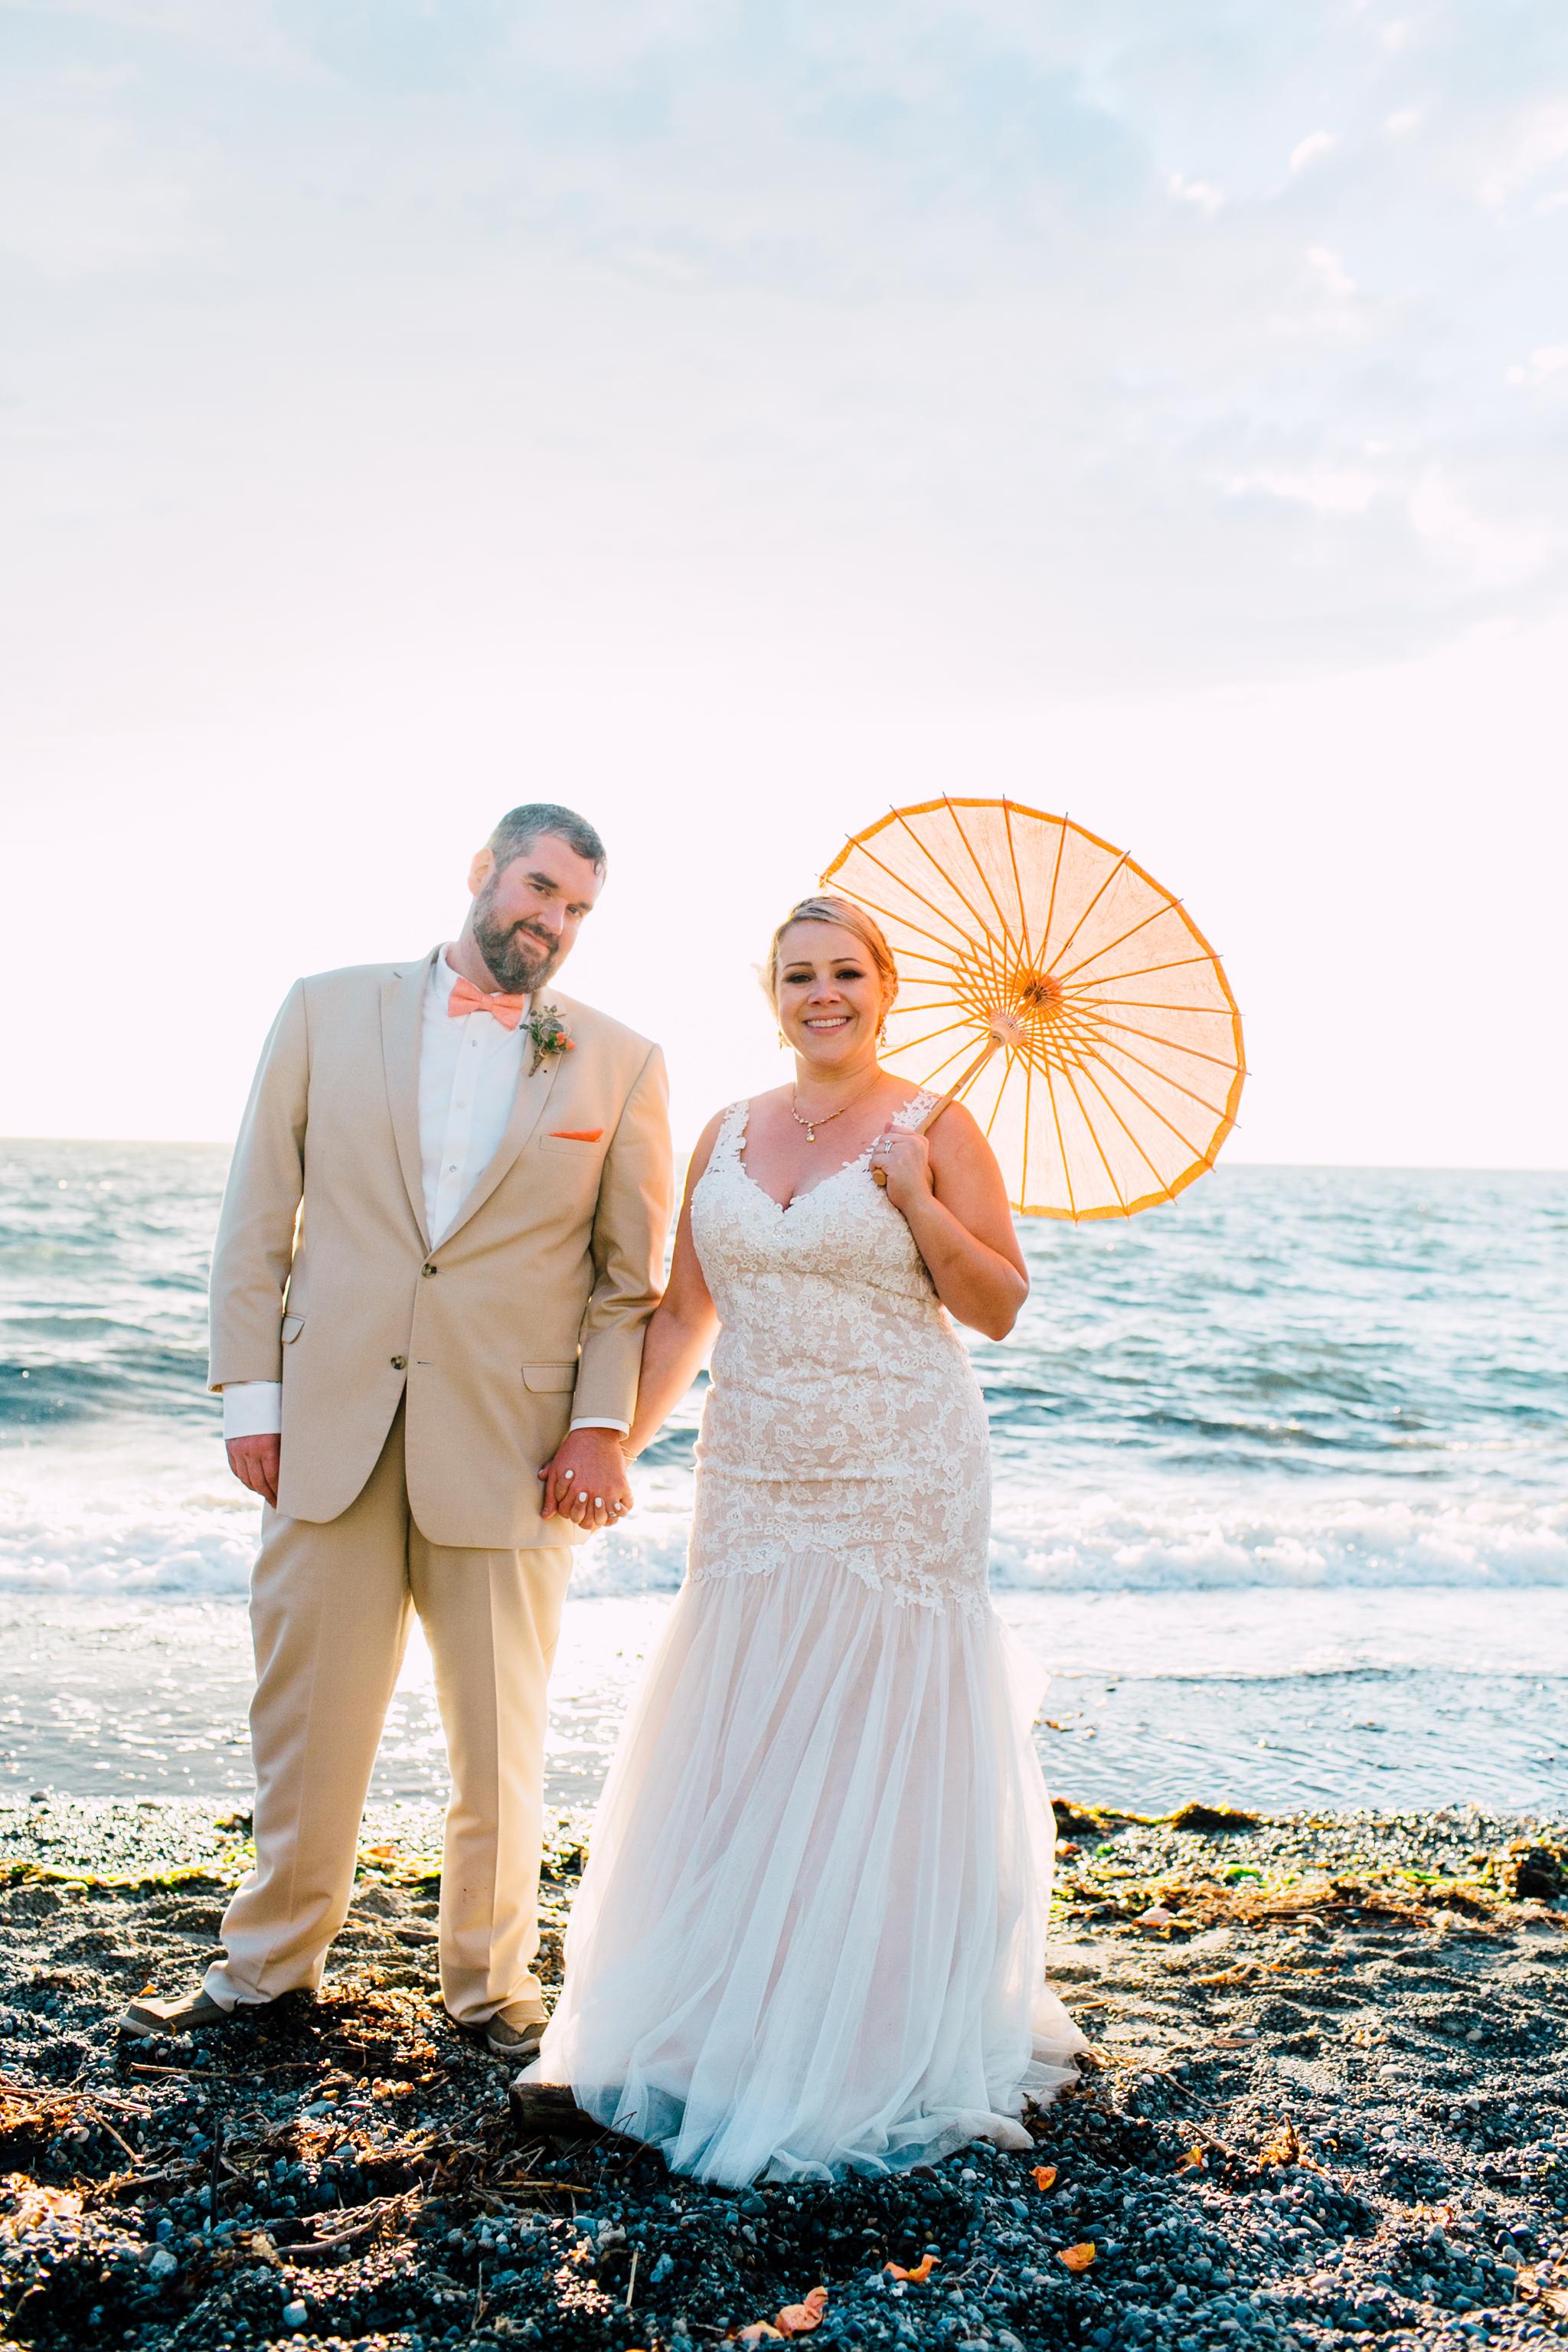 021-bellingham-wedding-photographer-beach-katheryn-moran-elisa-phillip.jpg